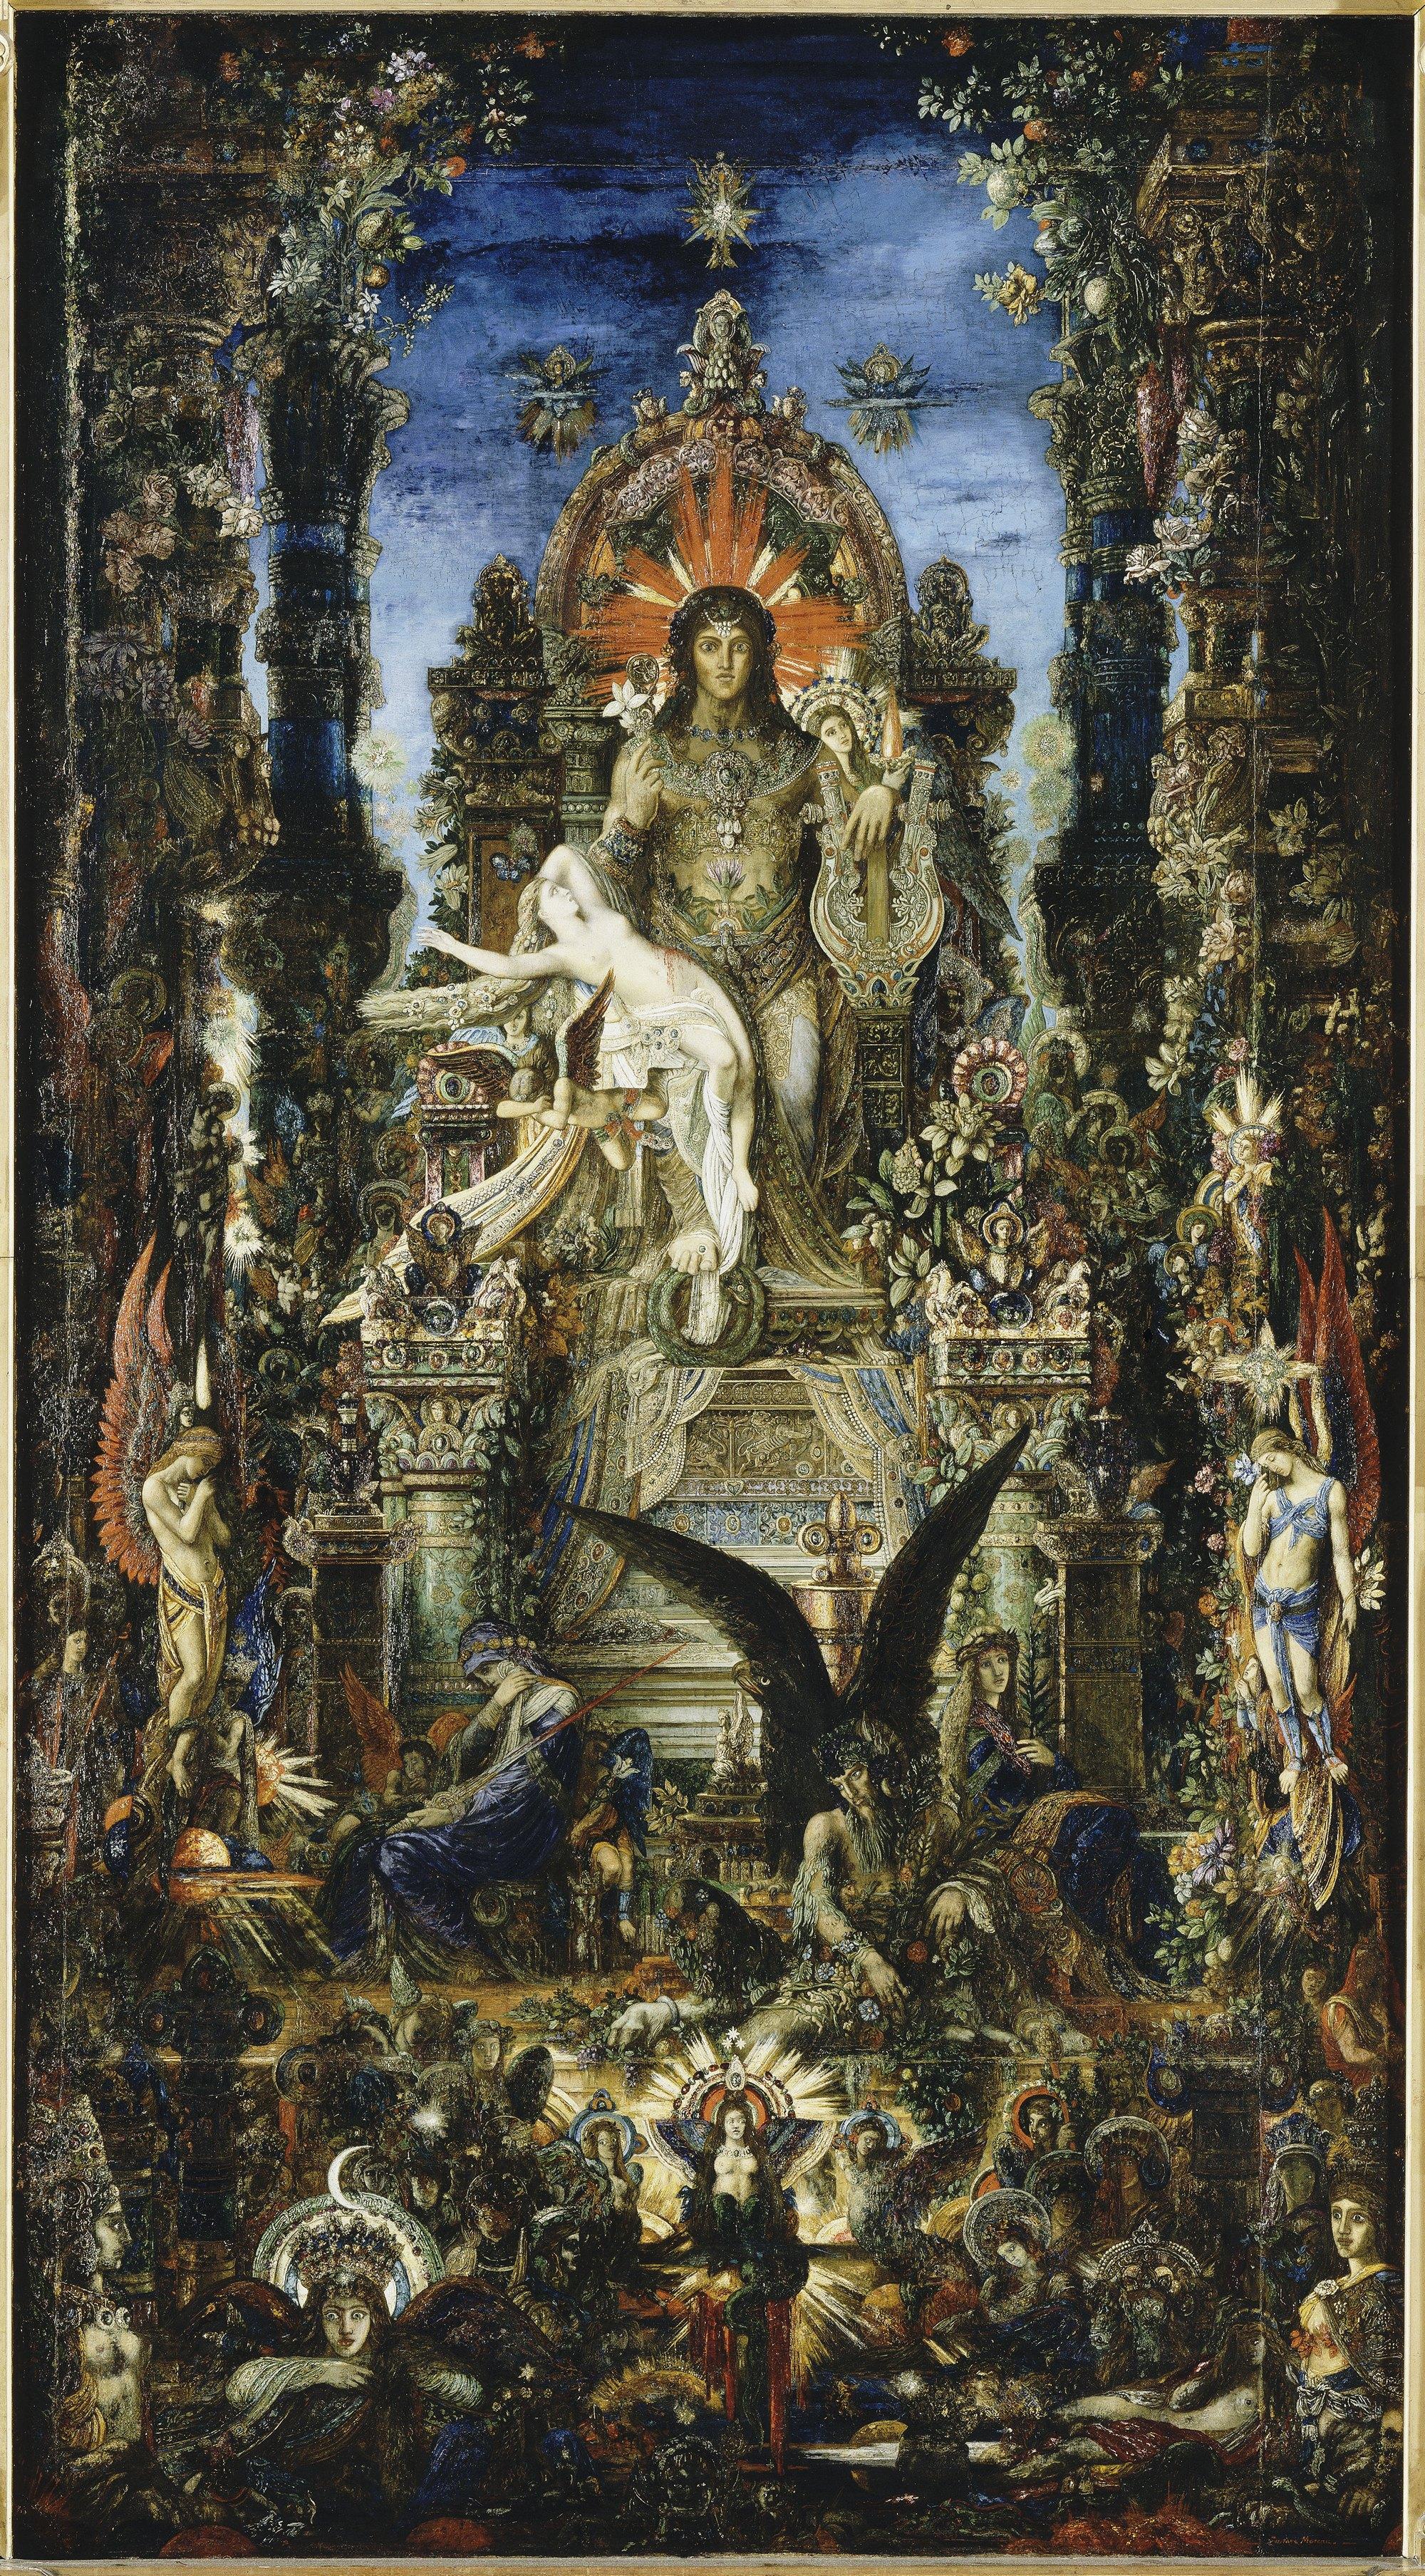 Юпитер и Семела :: Гюстав Моро, описание картины - Античная мифология фото